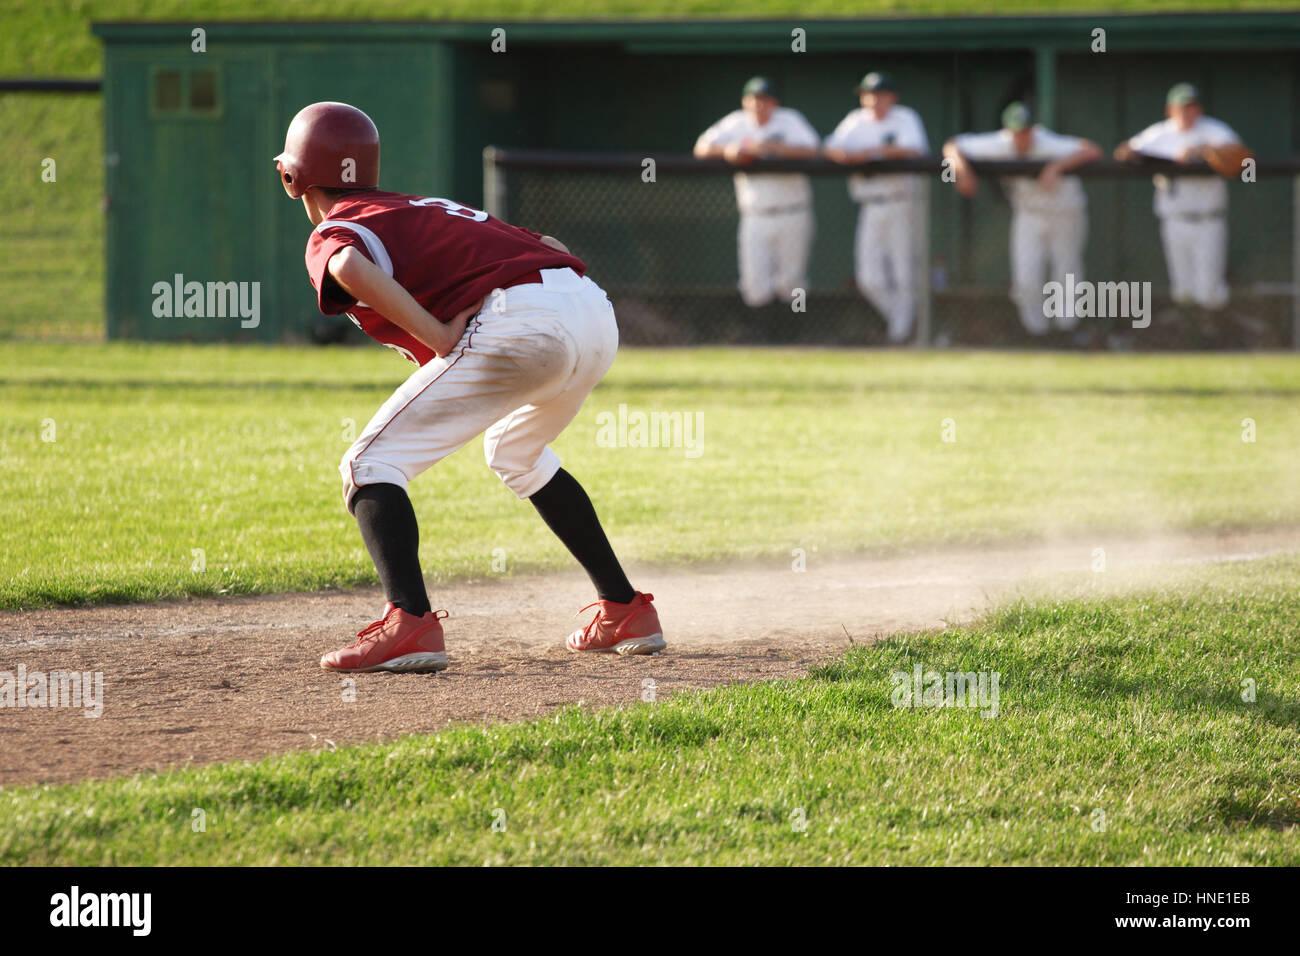 Baseball runner on base - Stock Image